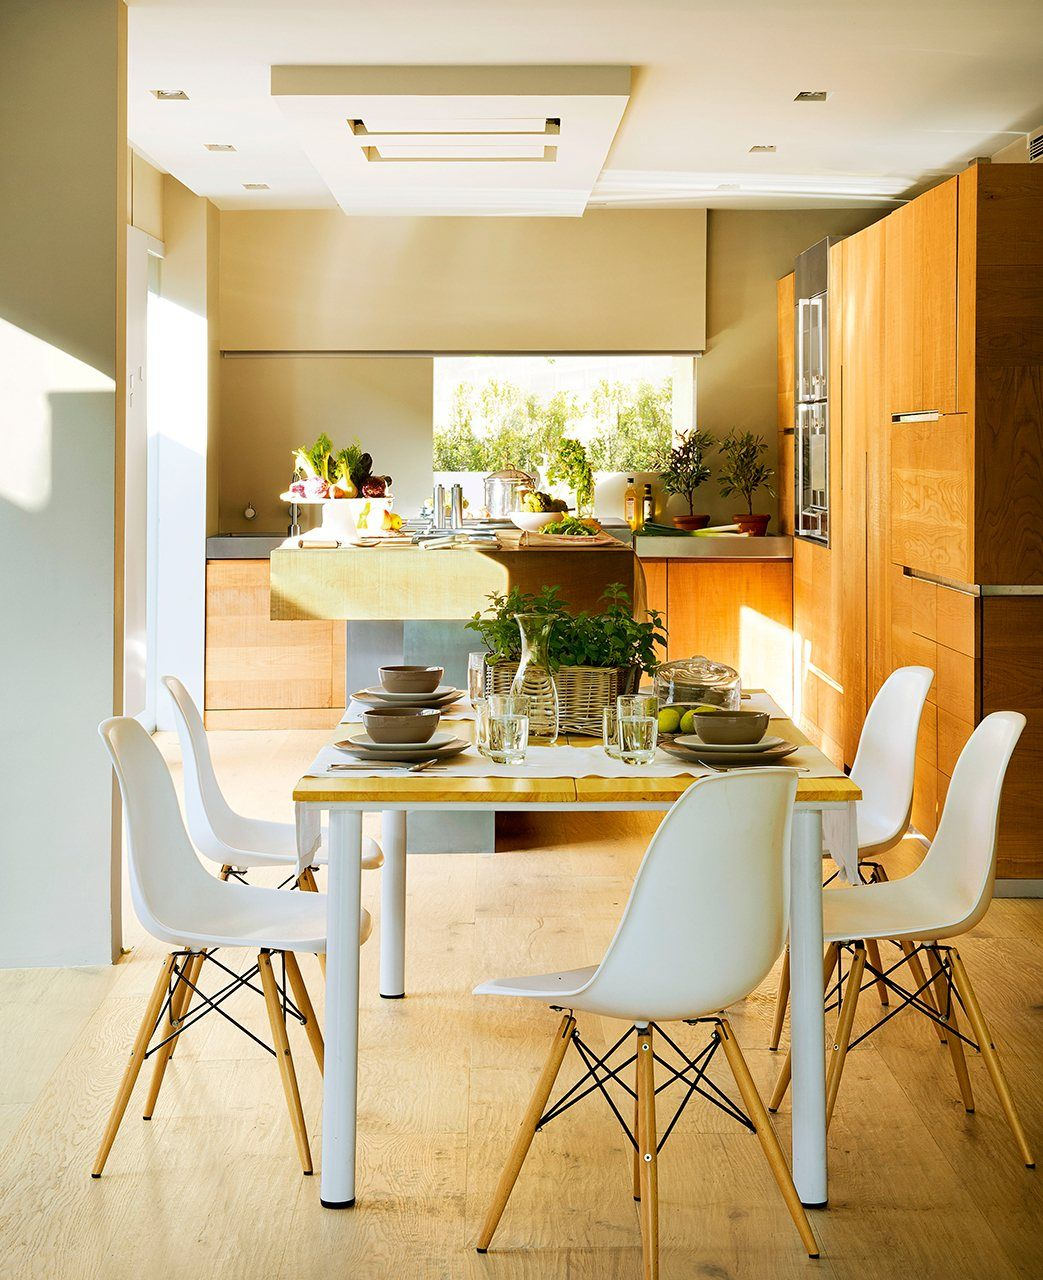 Abierta y c lida una cocina con alma de roble el mueble pinterest dining and room - Cocina con alma ...